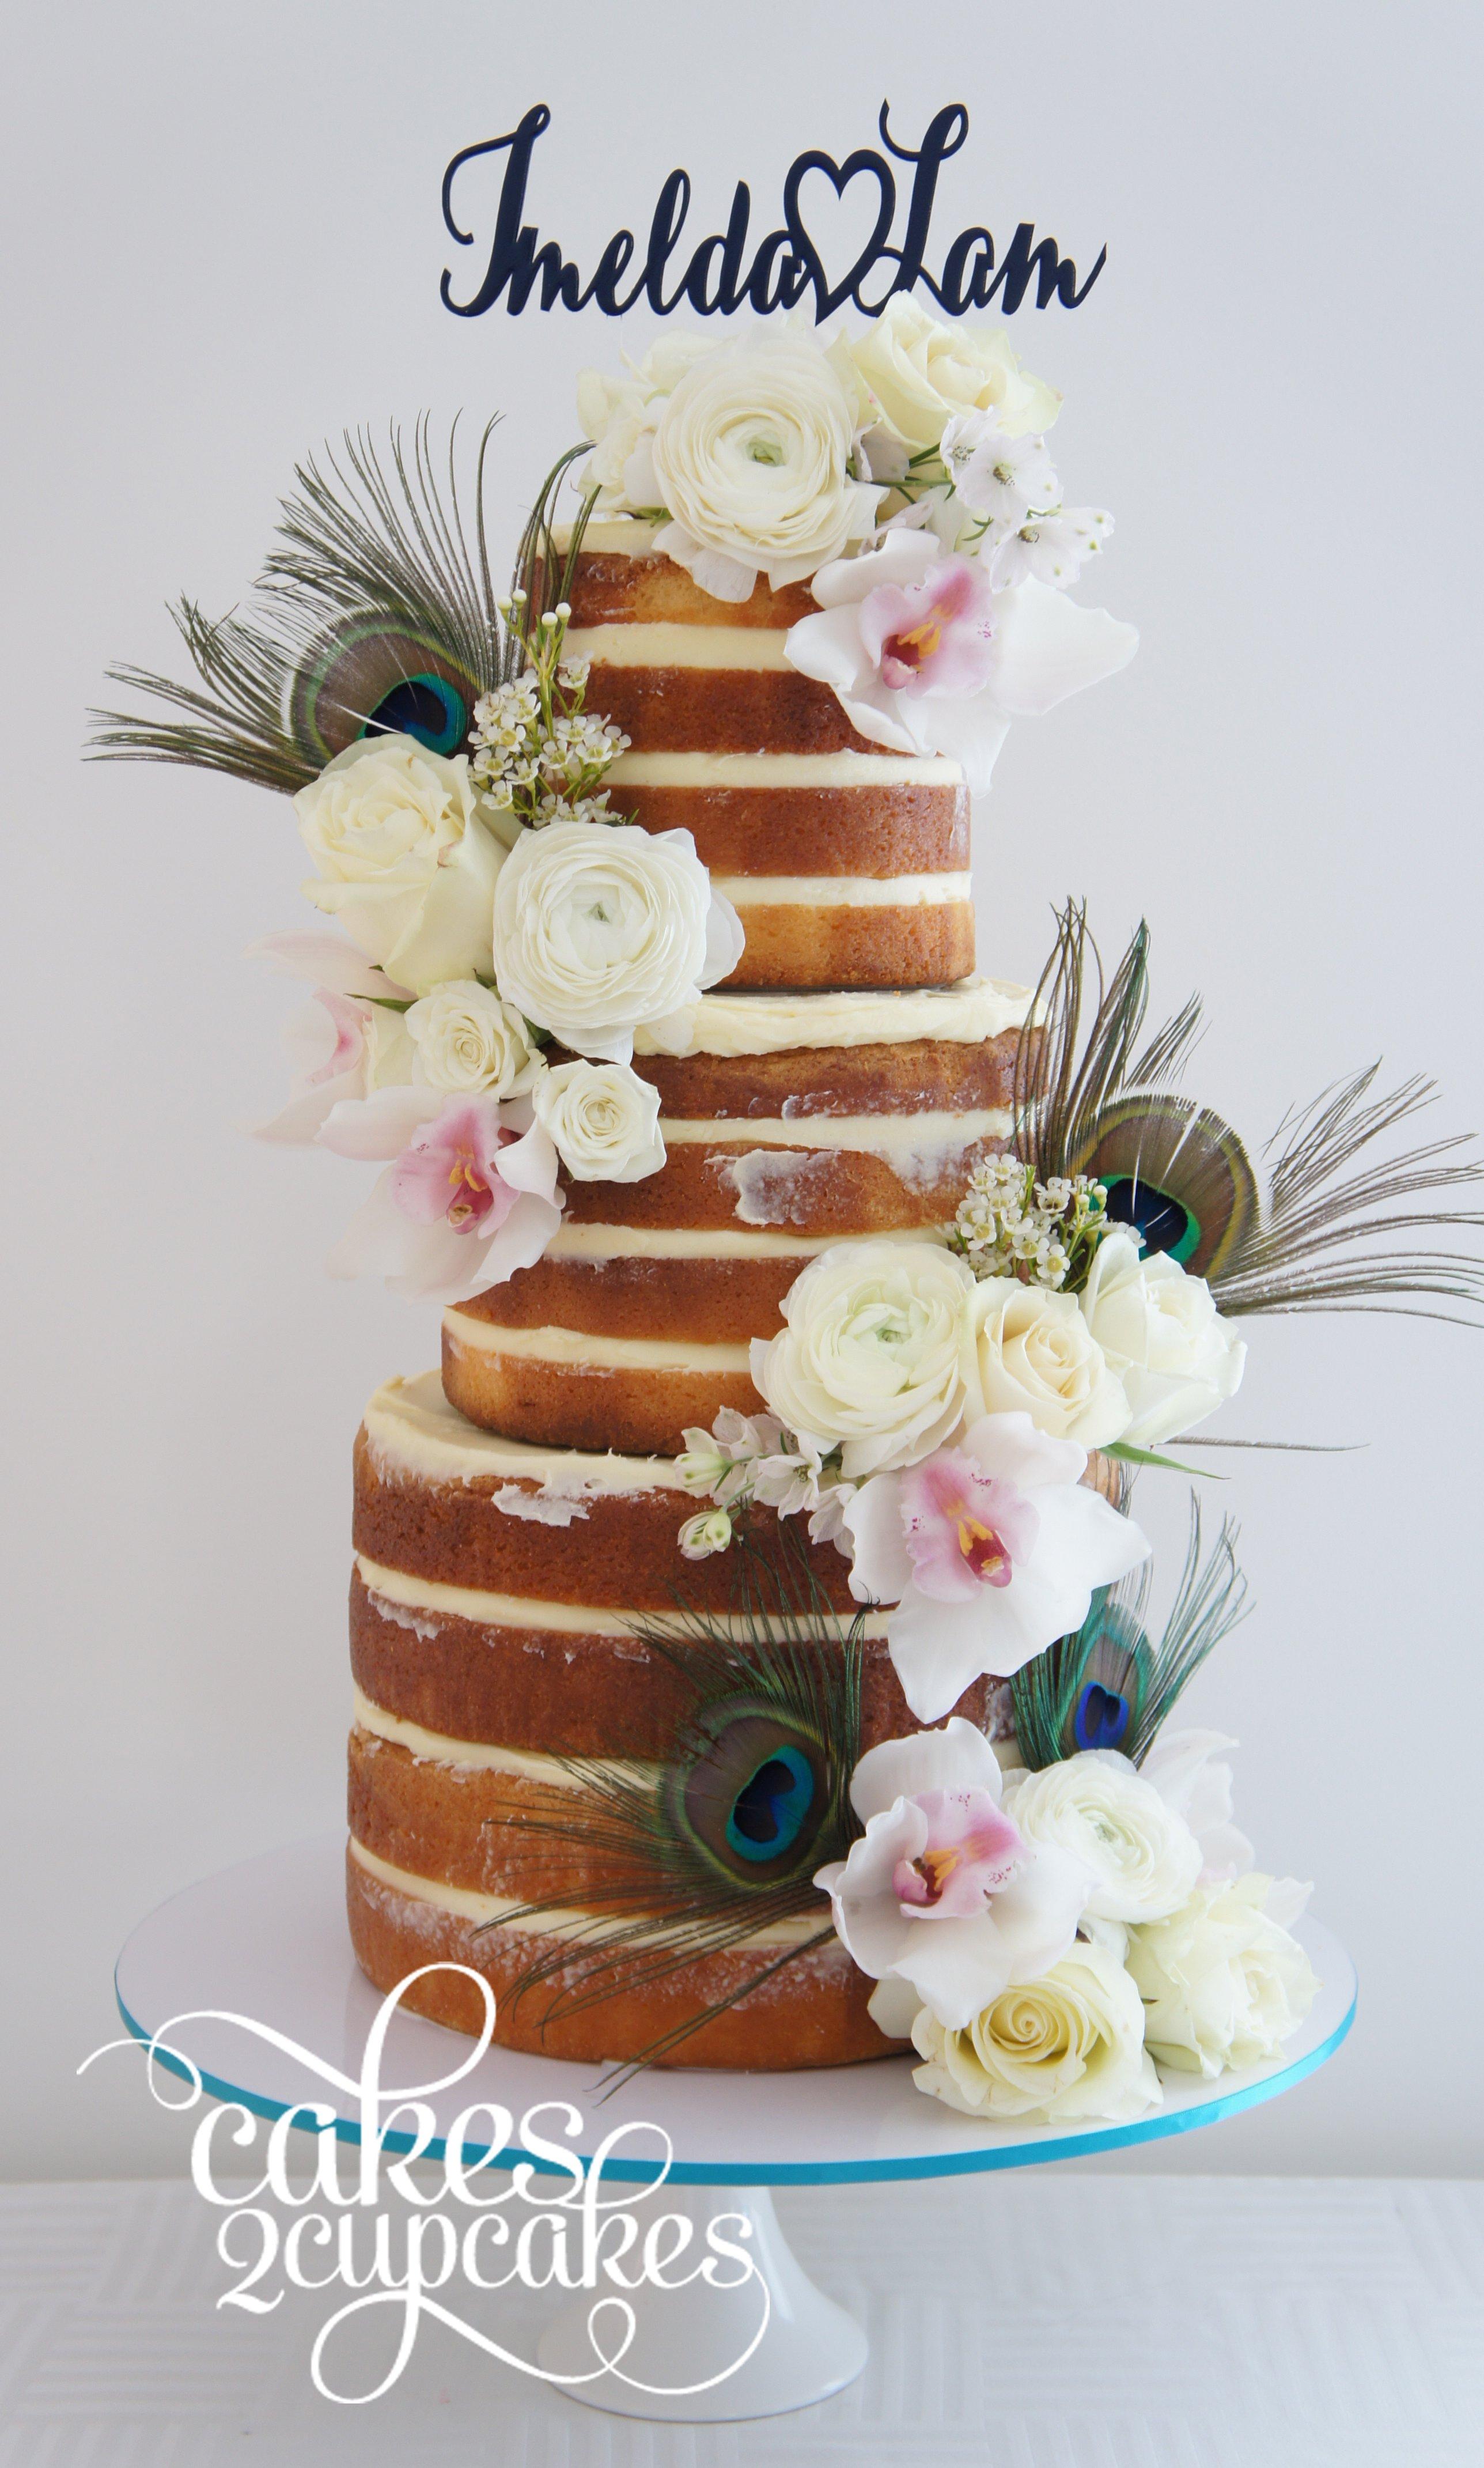 cakes2cupcakes-peacock-cake.jpg